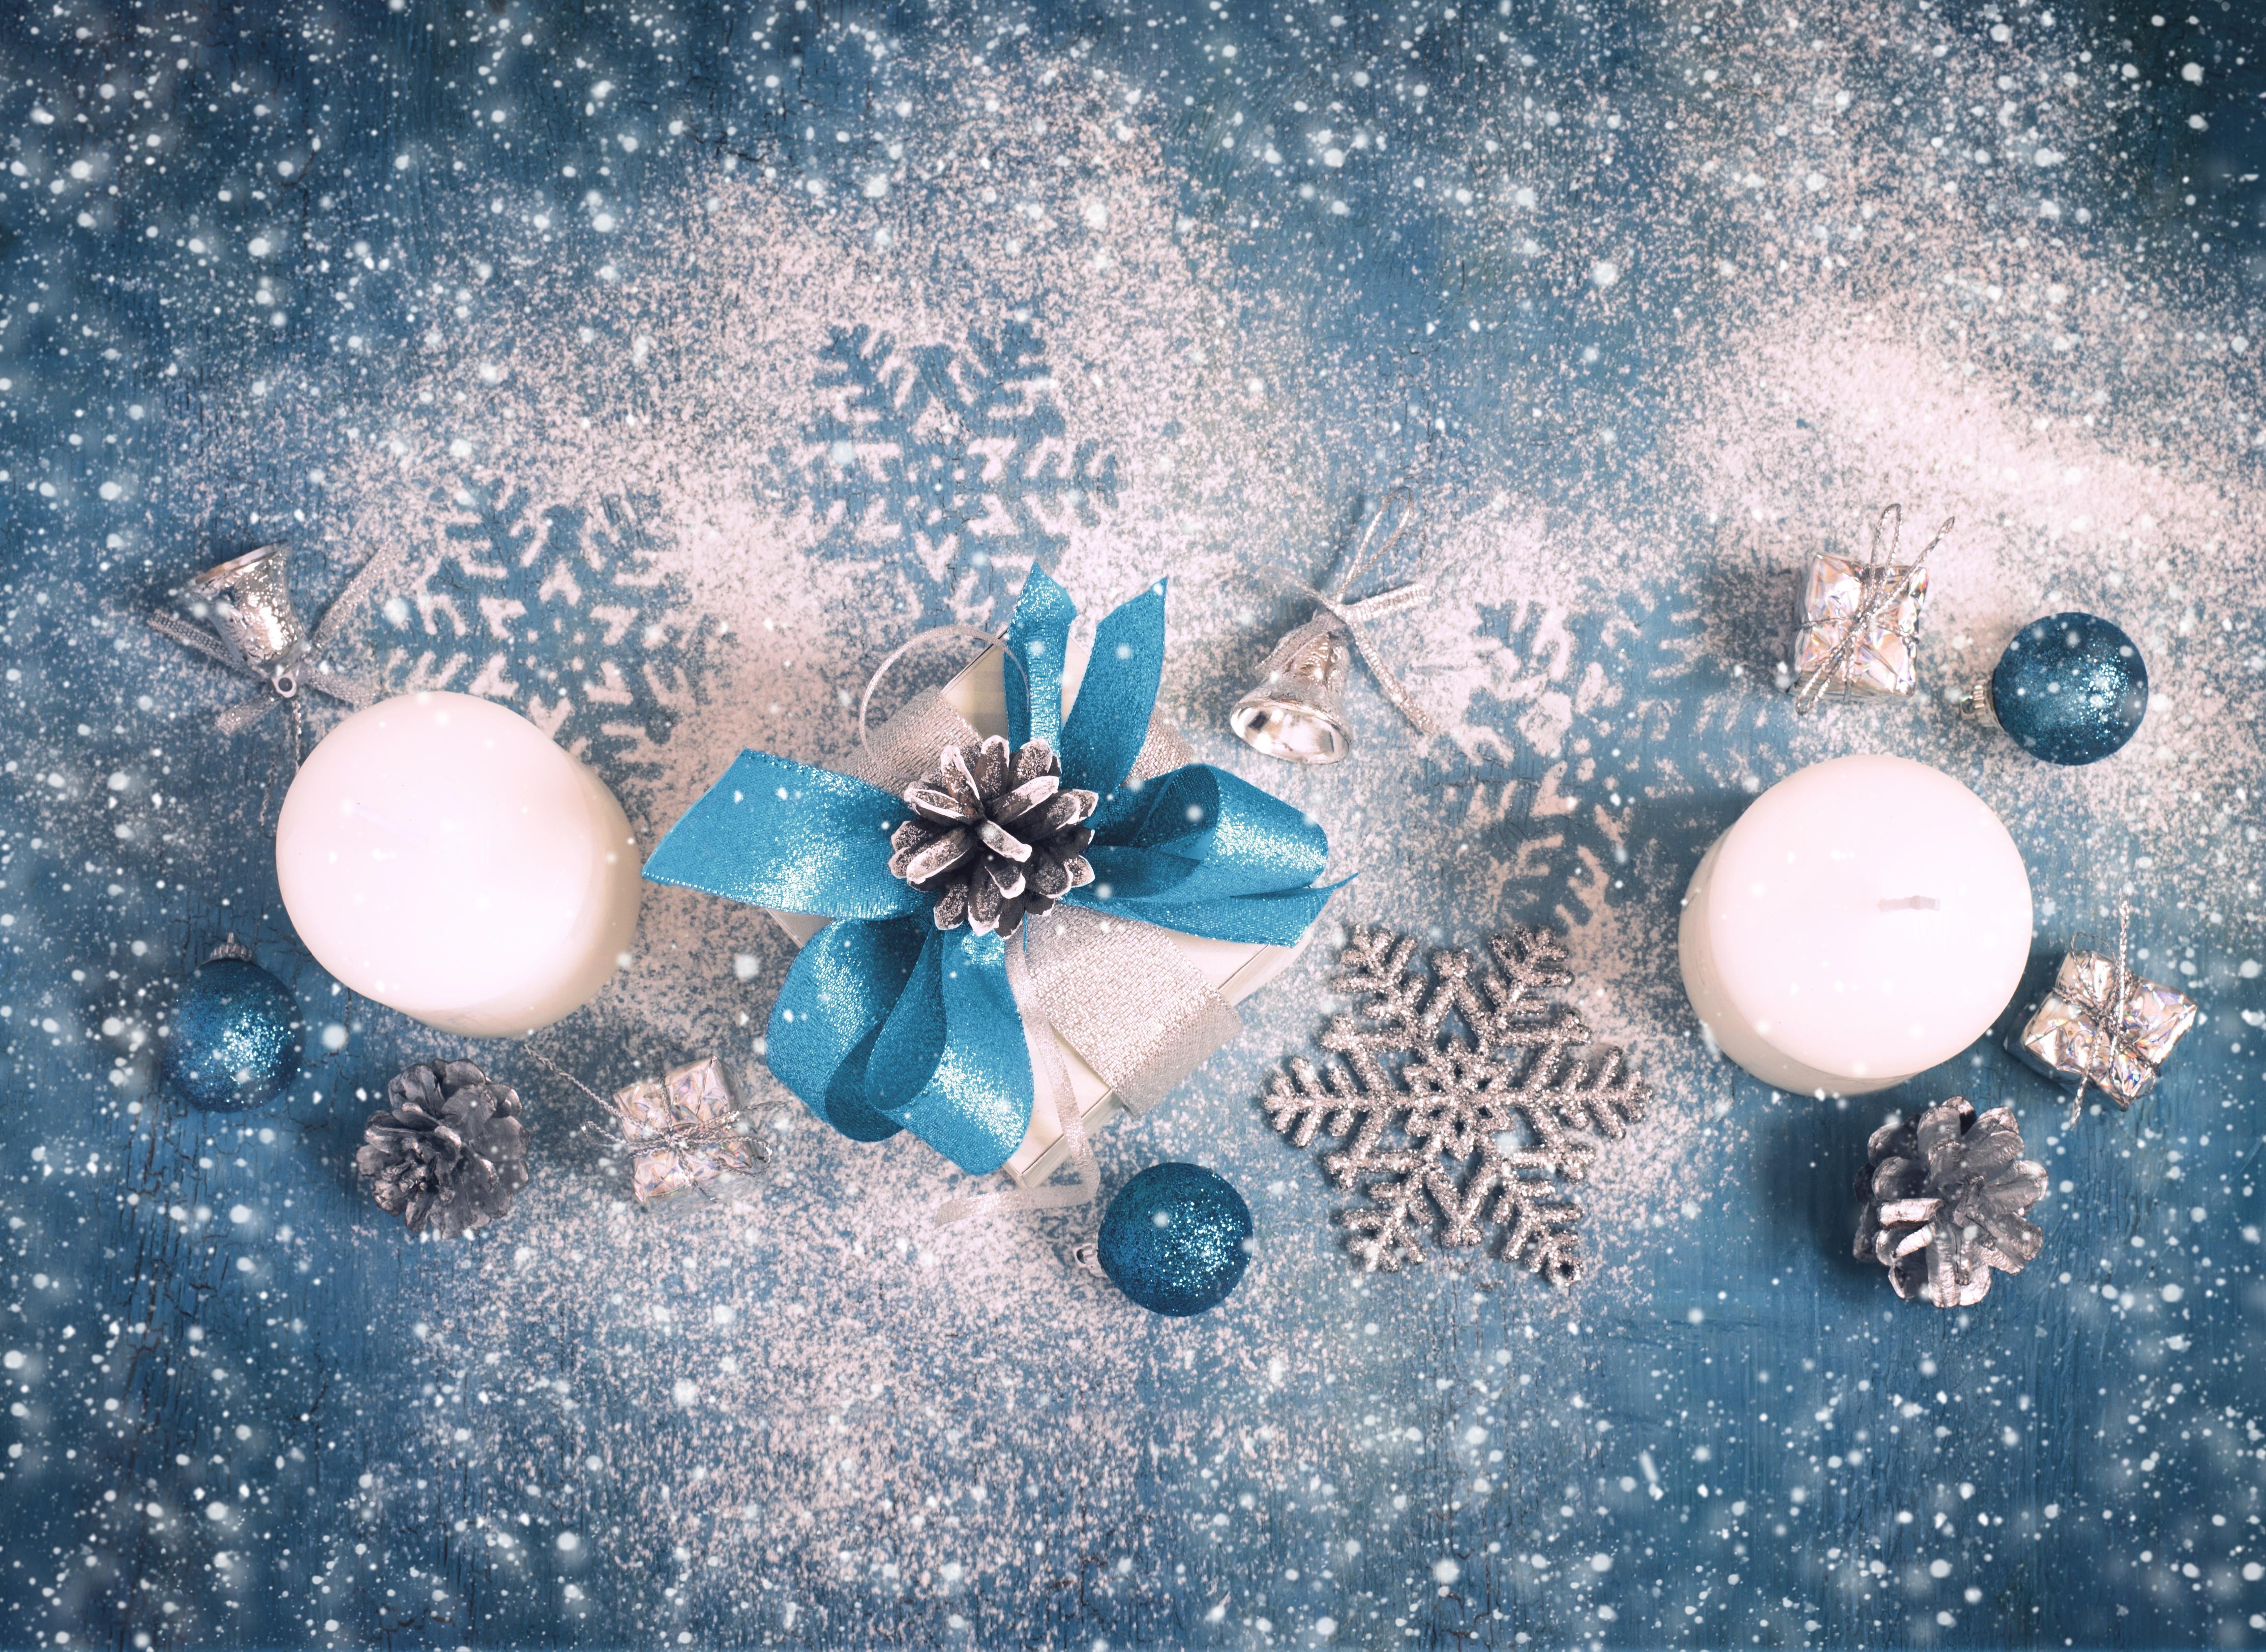 рождество,снежинки,снег,пингвиненок  № 442238  скачать